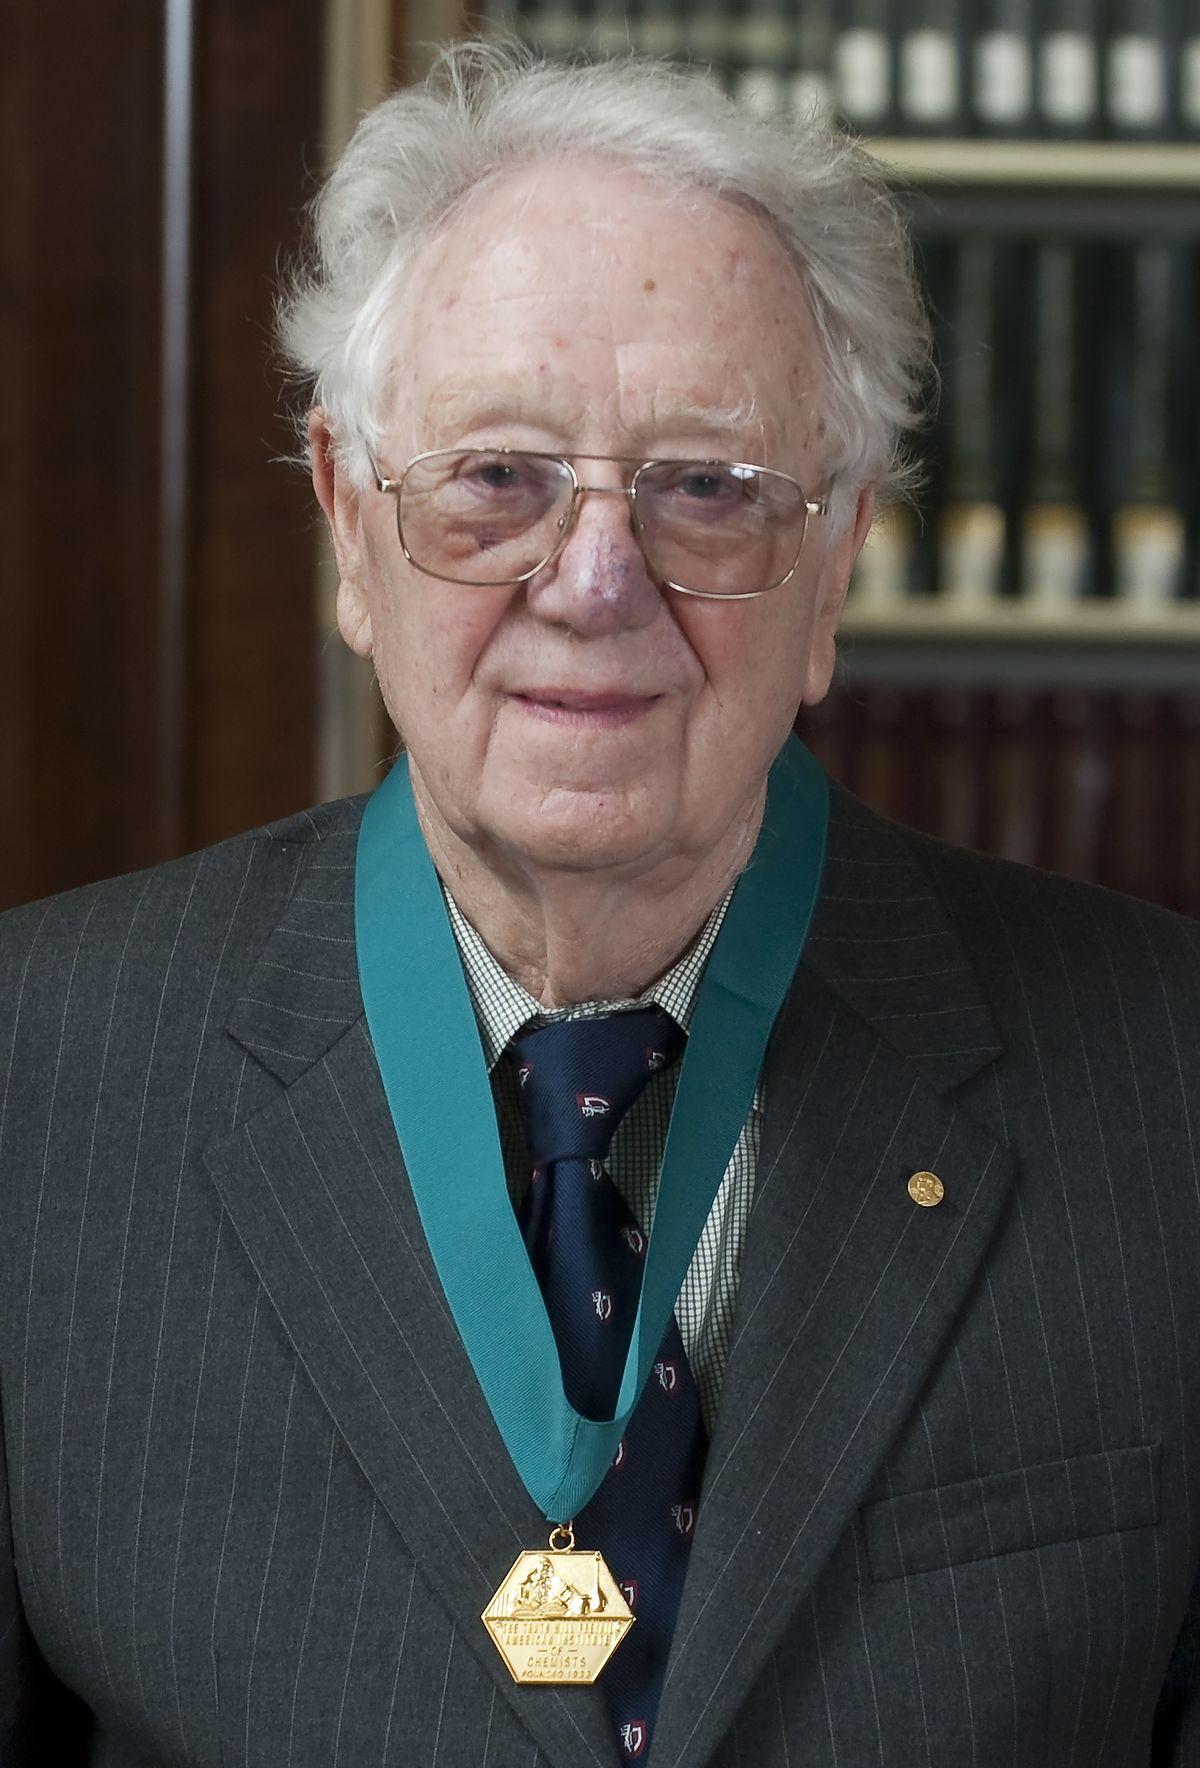 Oliver Smithies - Wikipedia